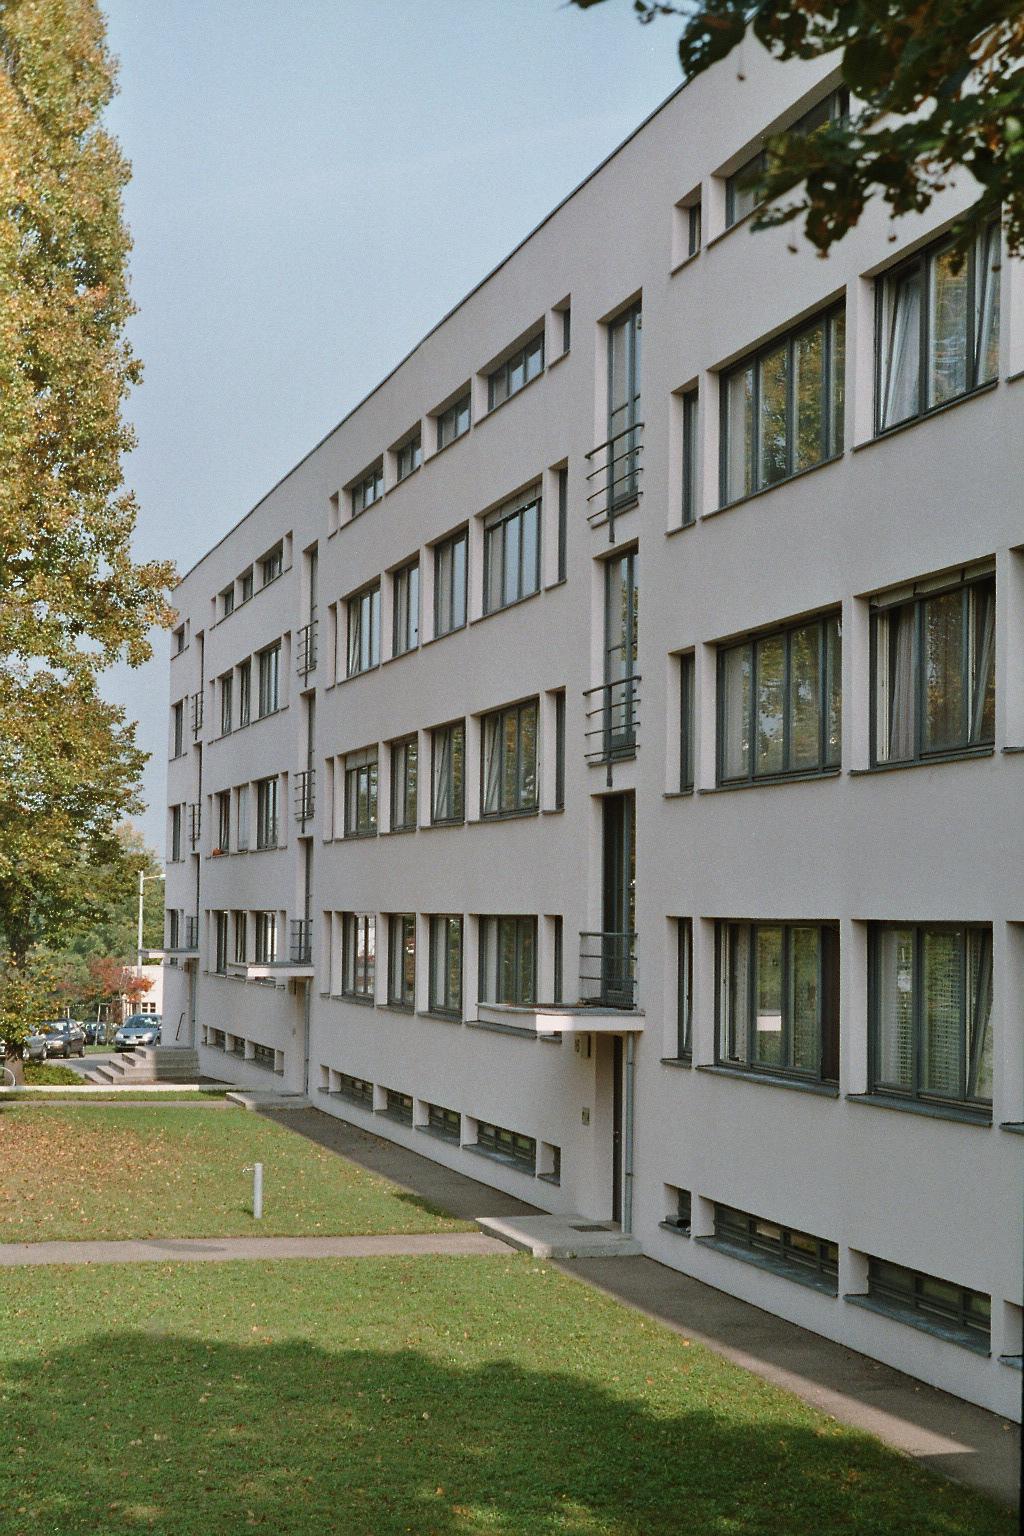 Moderne Architektur by Thomas Wexler on Prezi